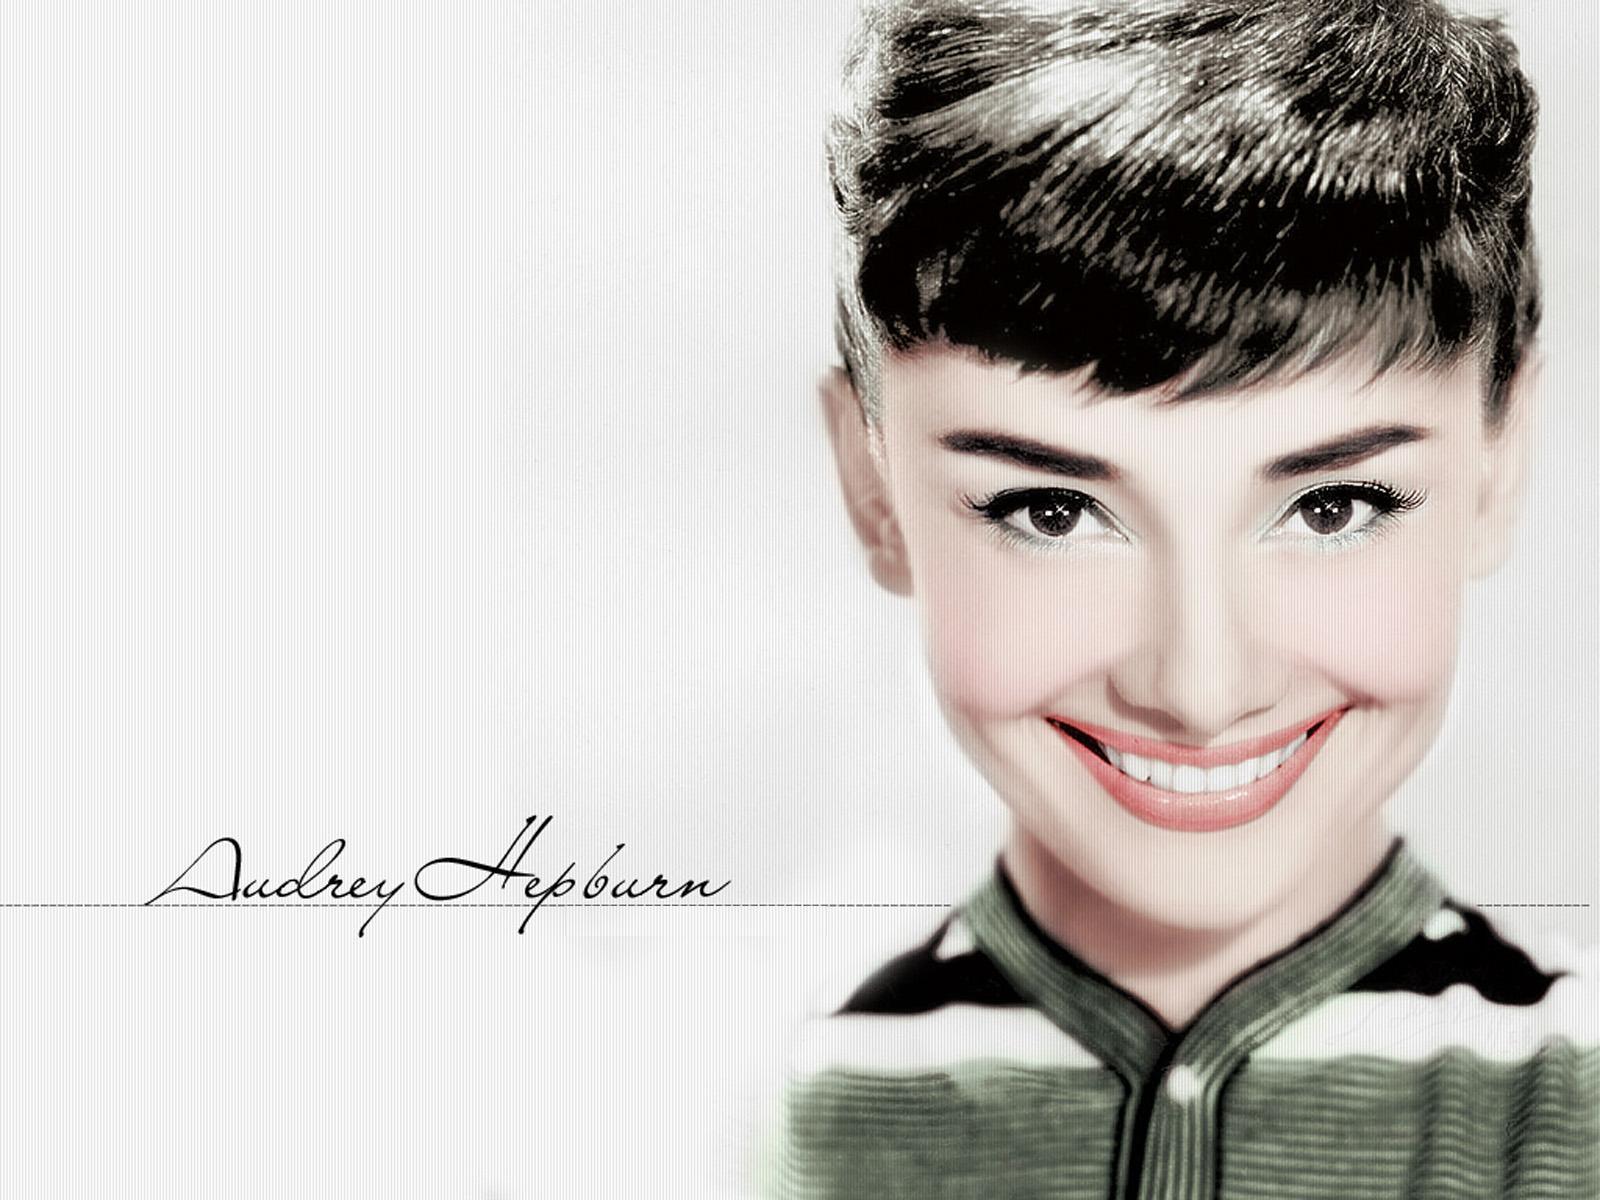 http://4.bp.blogspot.com/-JbsT5T0Kox4/TdqFtXU3_lI/AAAAAAAABws/B1LyAWqGQj4/s1600/Audrey+Hepburn+Wallpaper+24.jpg